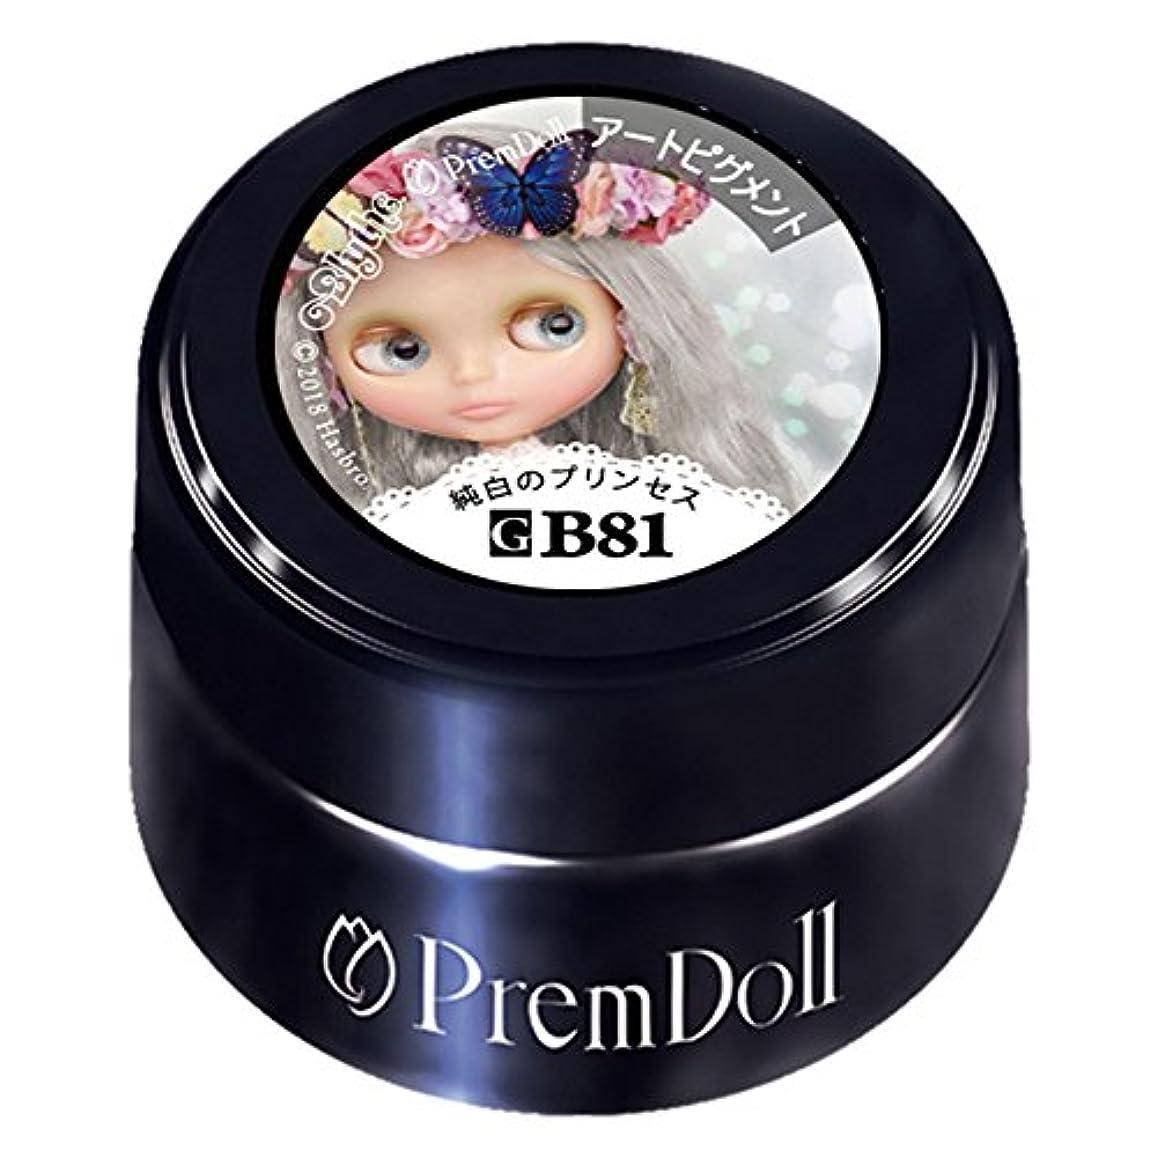 皮シダ評論家PRE GEL プリムドール純白のプリンセス81 DOLL-B81 3g UV/LED対応タイオウ